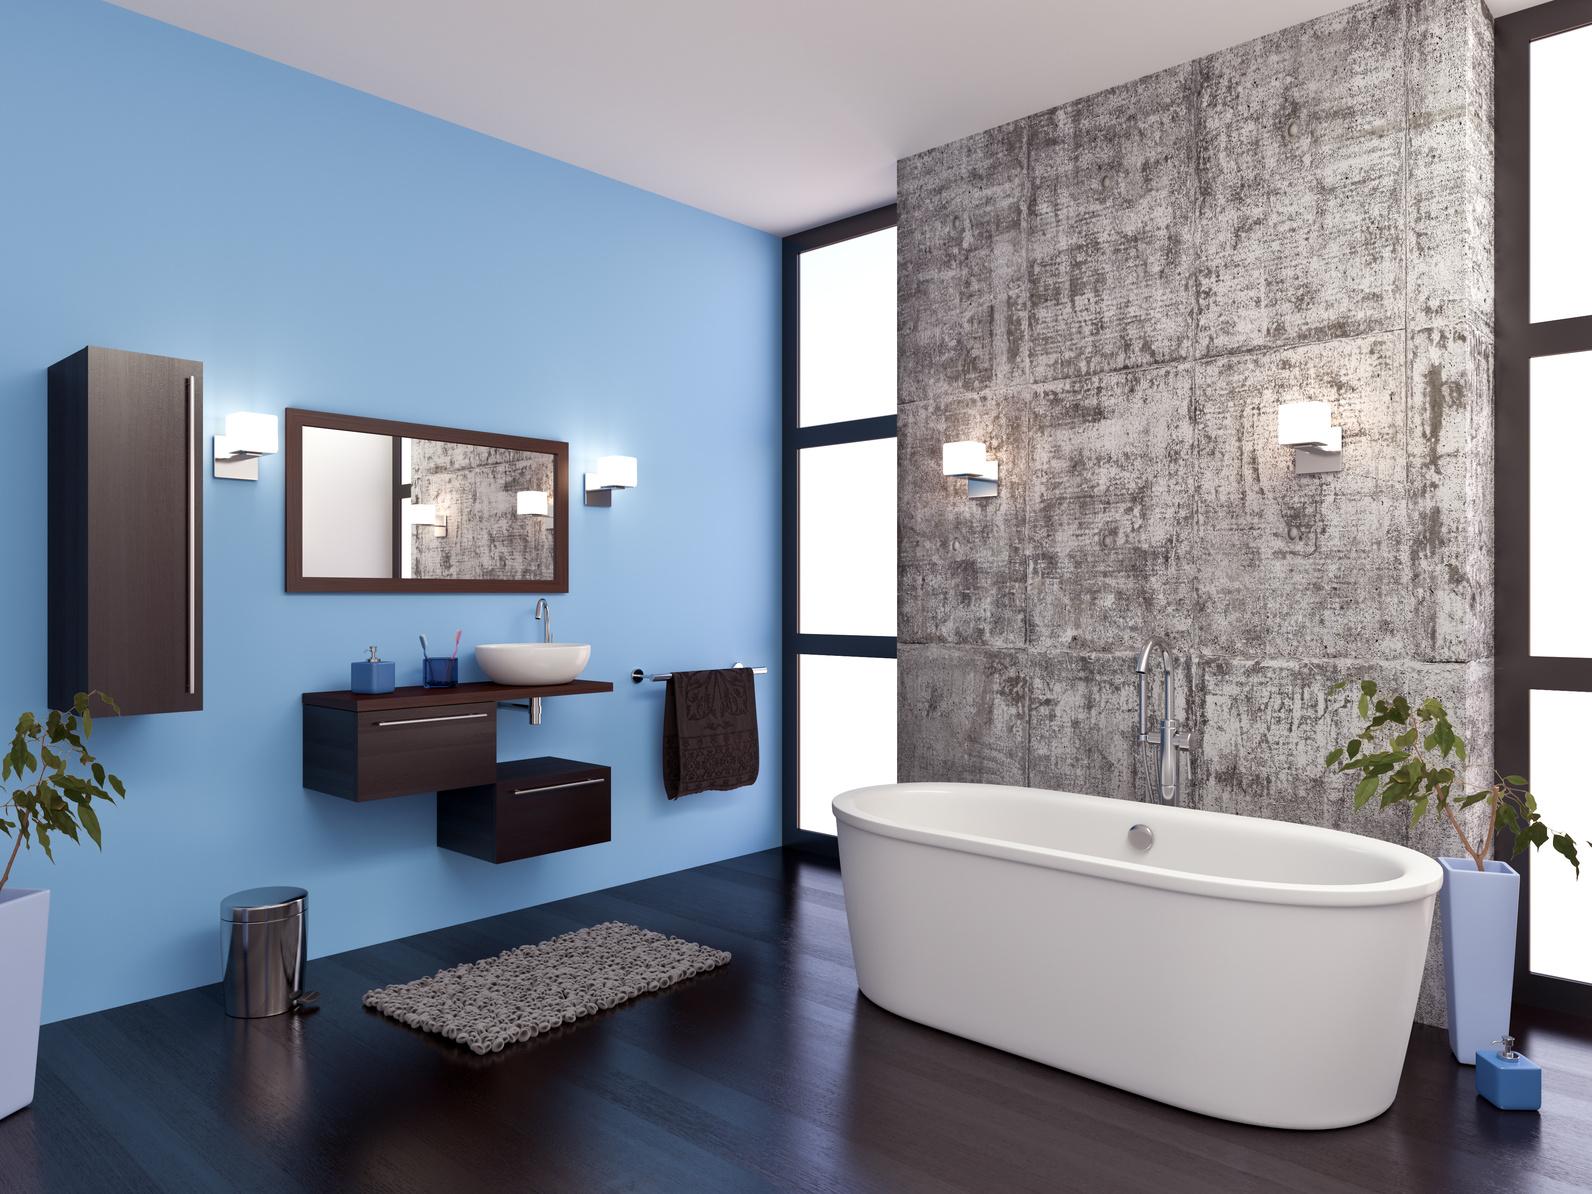 Entreprise Renovation Salle De Bain Bordeaux rénovation de salle de bain à bordeaux